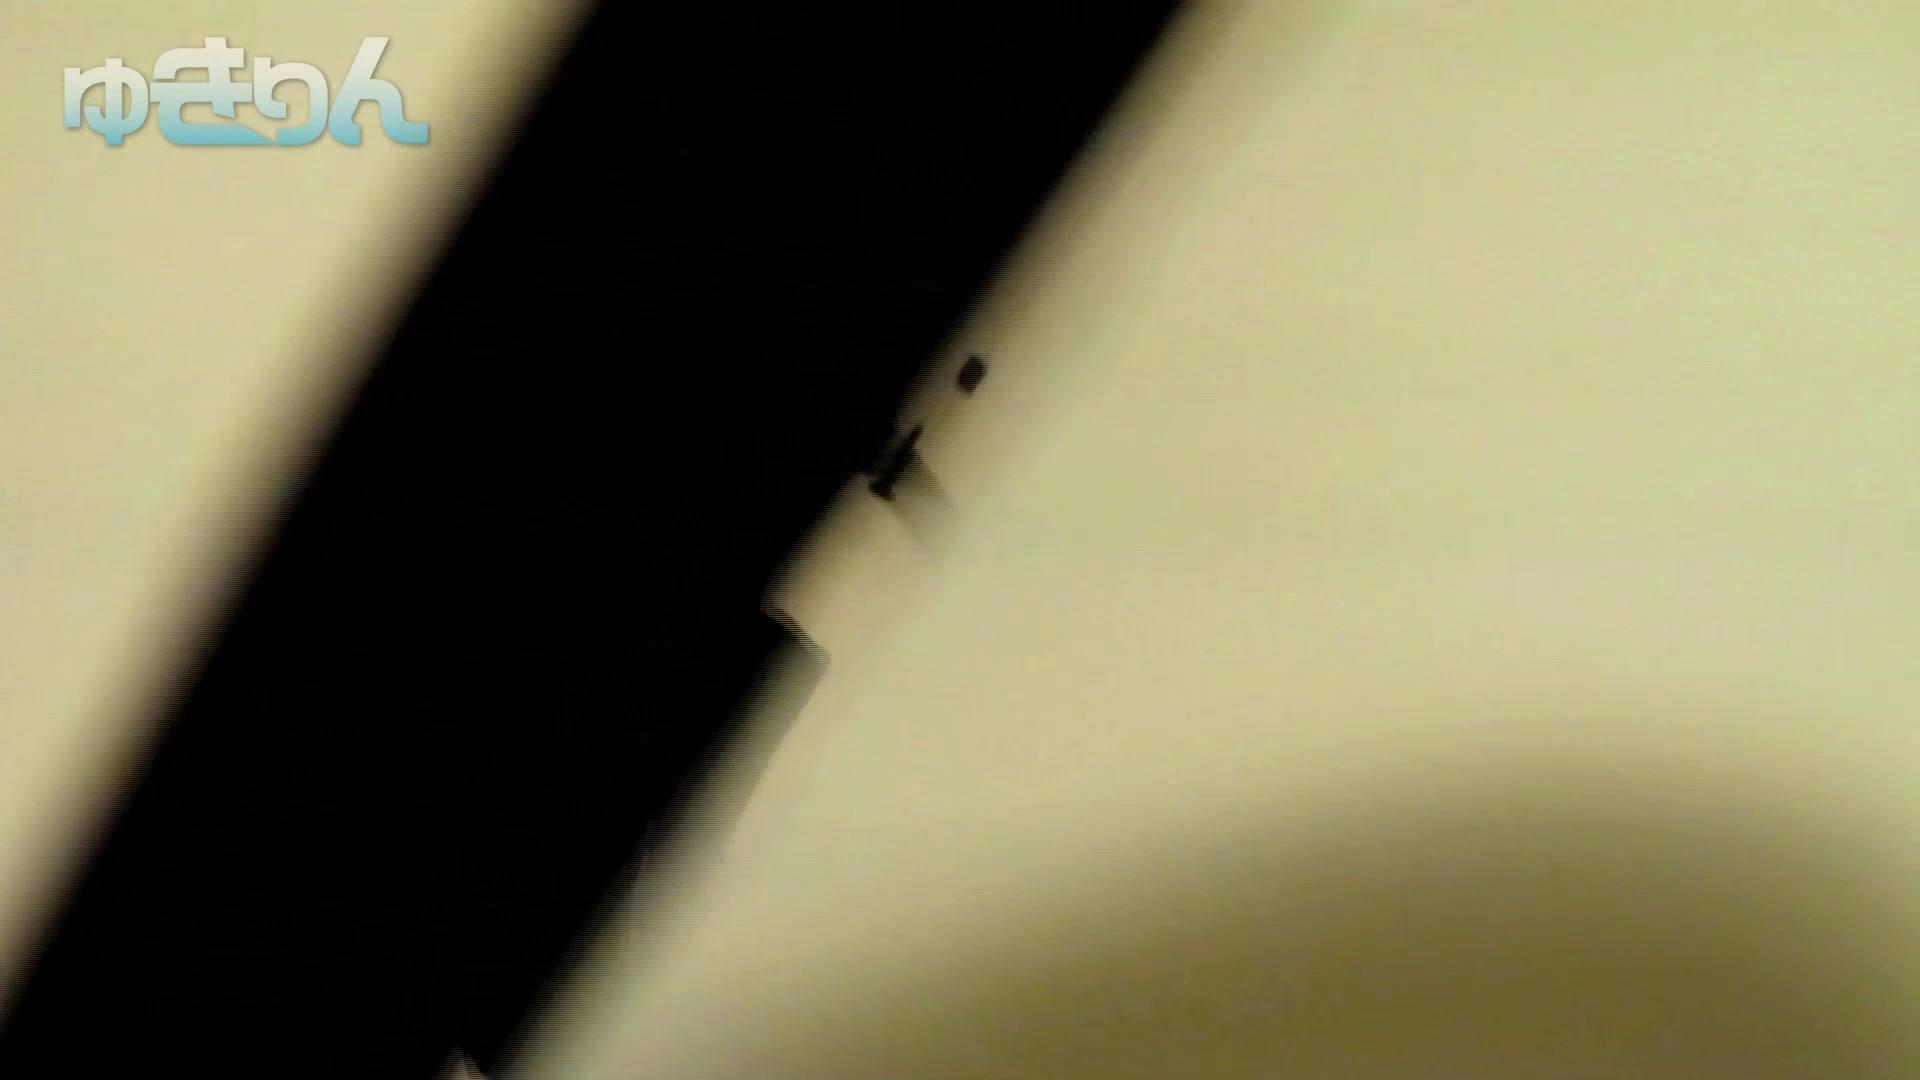 新世界の射窓 No80 噛みつきたいほど、至近距離での、ぷっり尻への空爆 洗面所 オメコ無修正動画無料 68画像 34